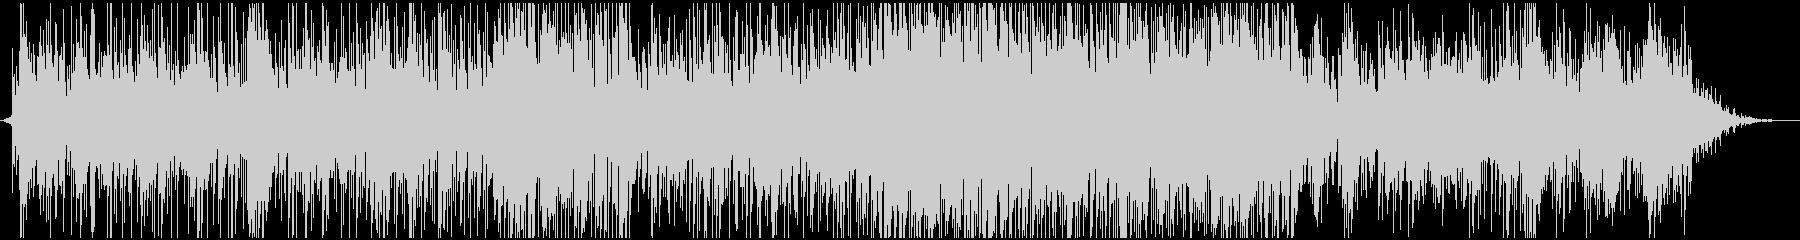 ピアノ系ラテンジャズフュージョンバンドの未再生の波形